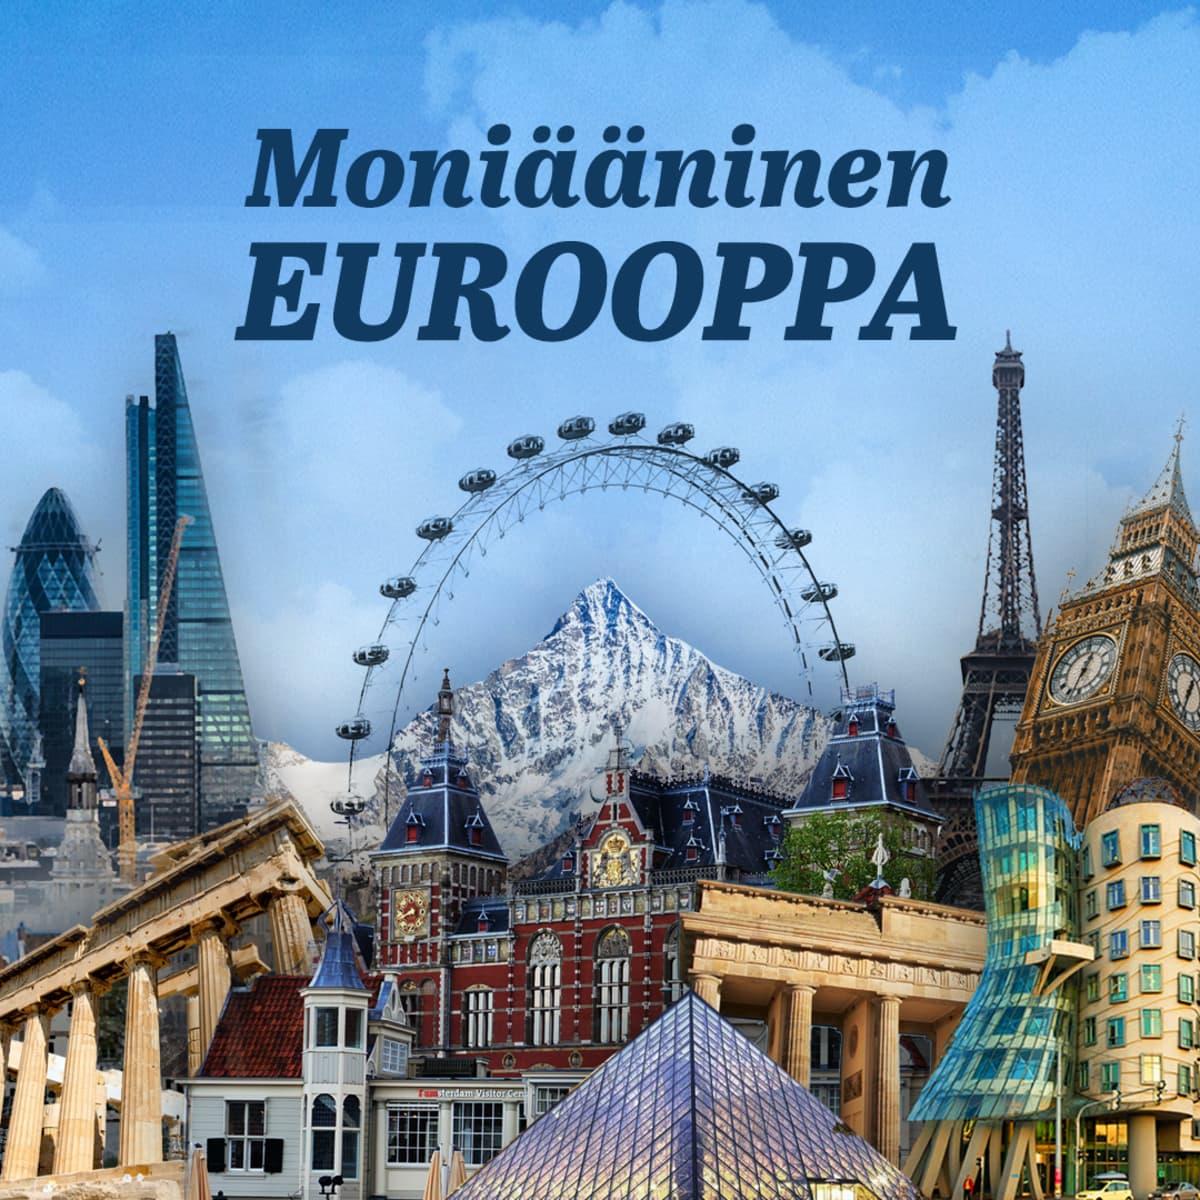 Moniääninen Eurooppa -sarjan logo.